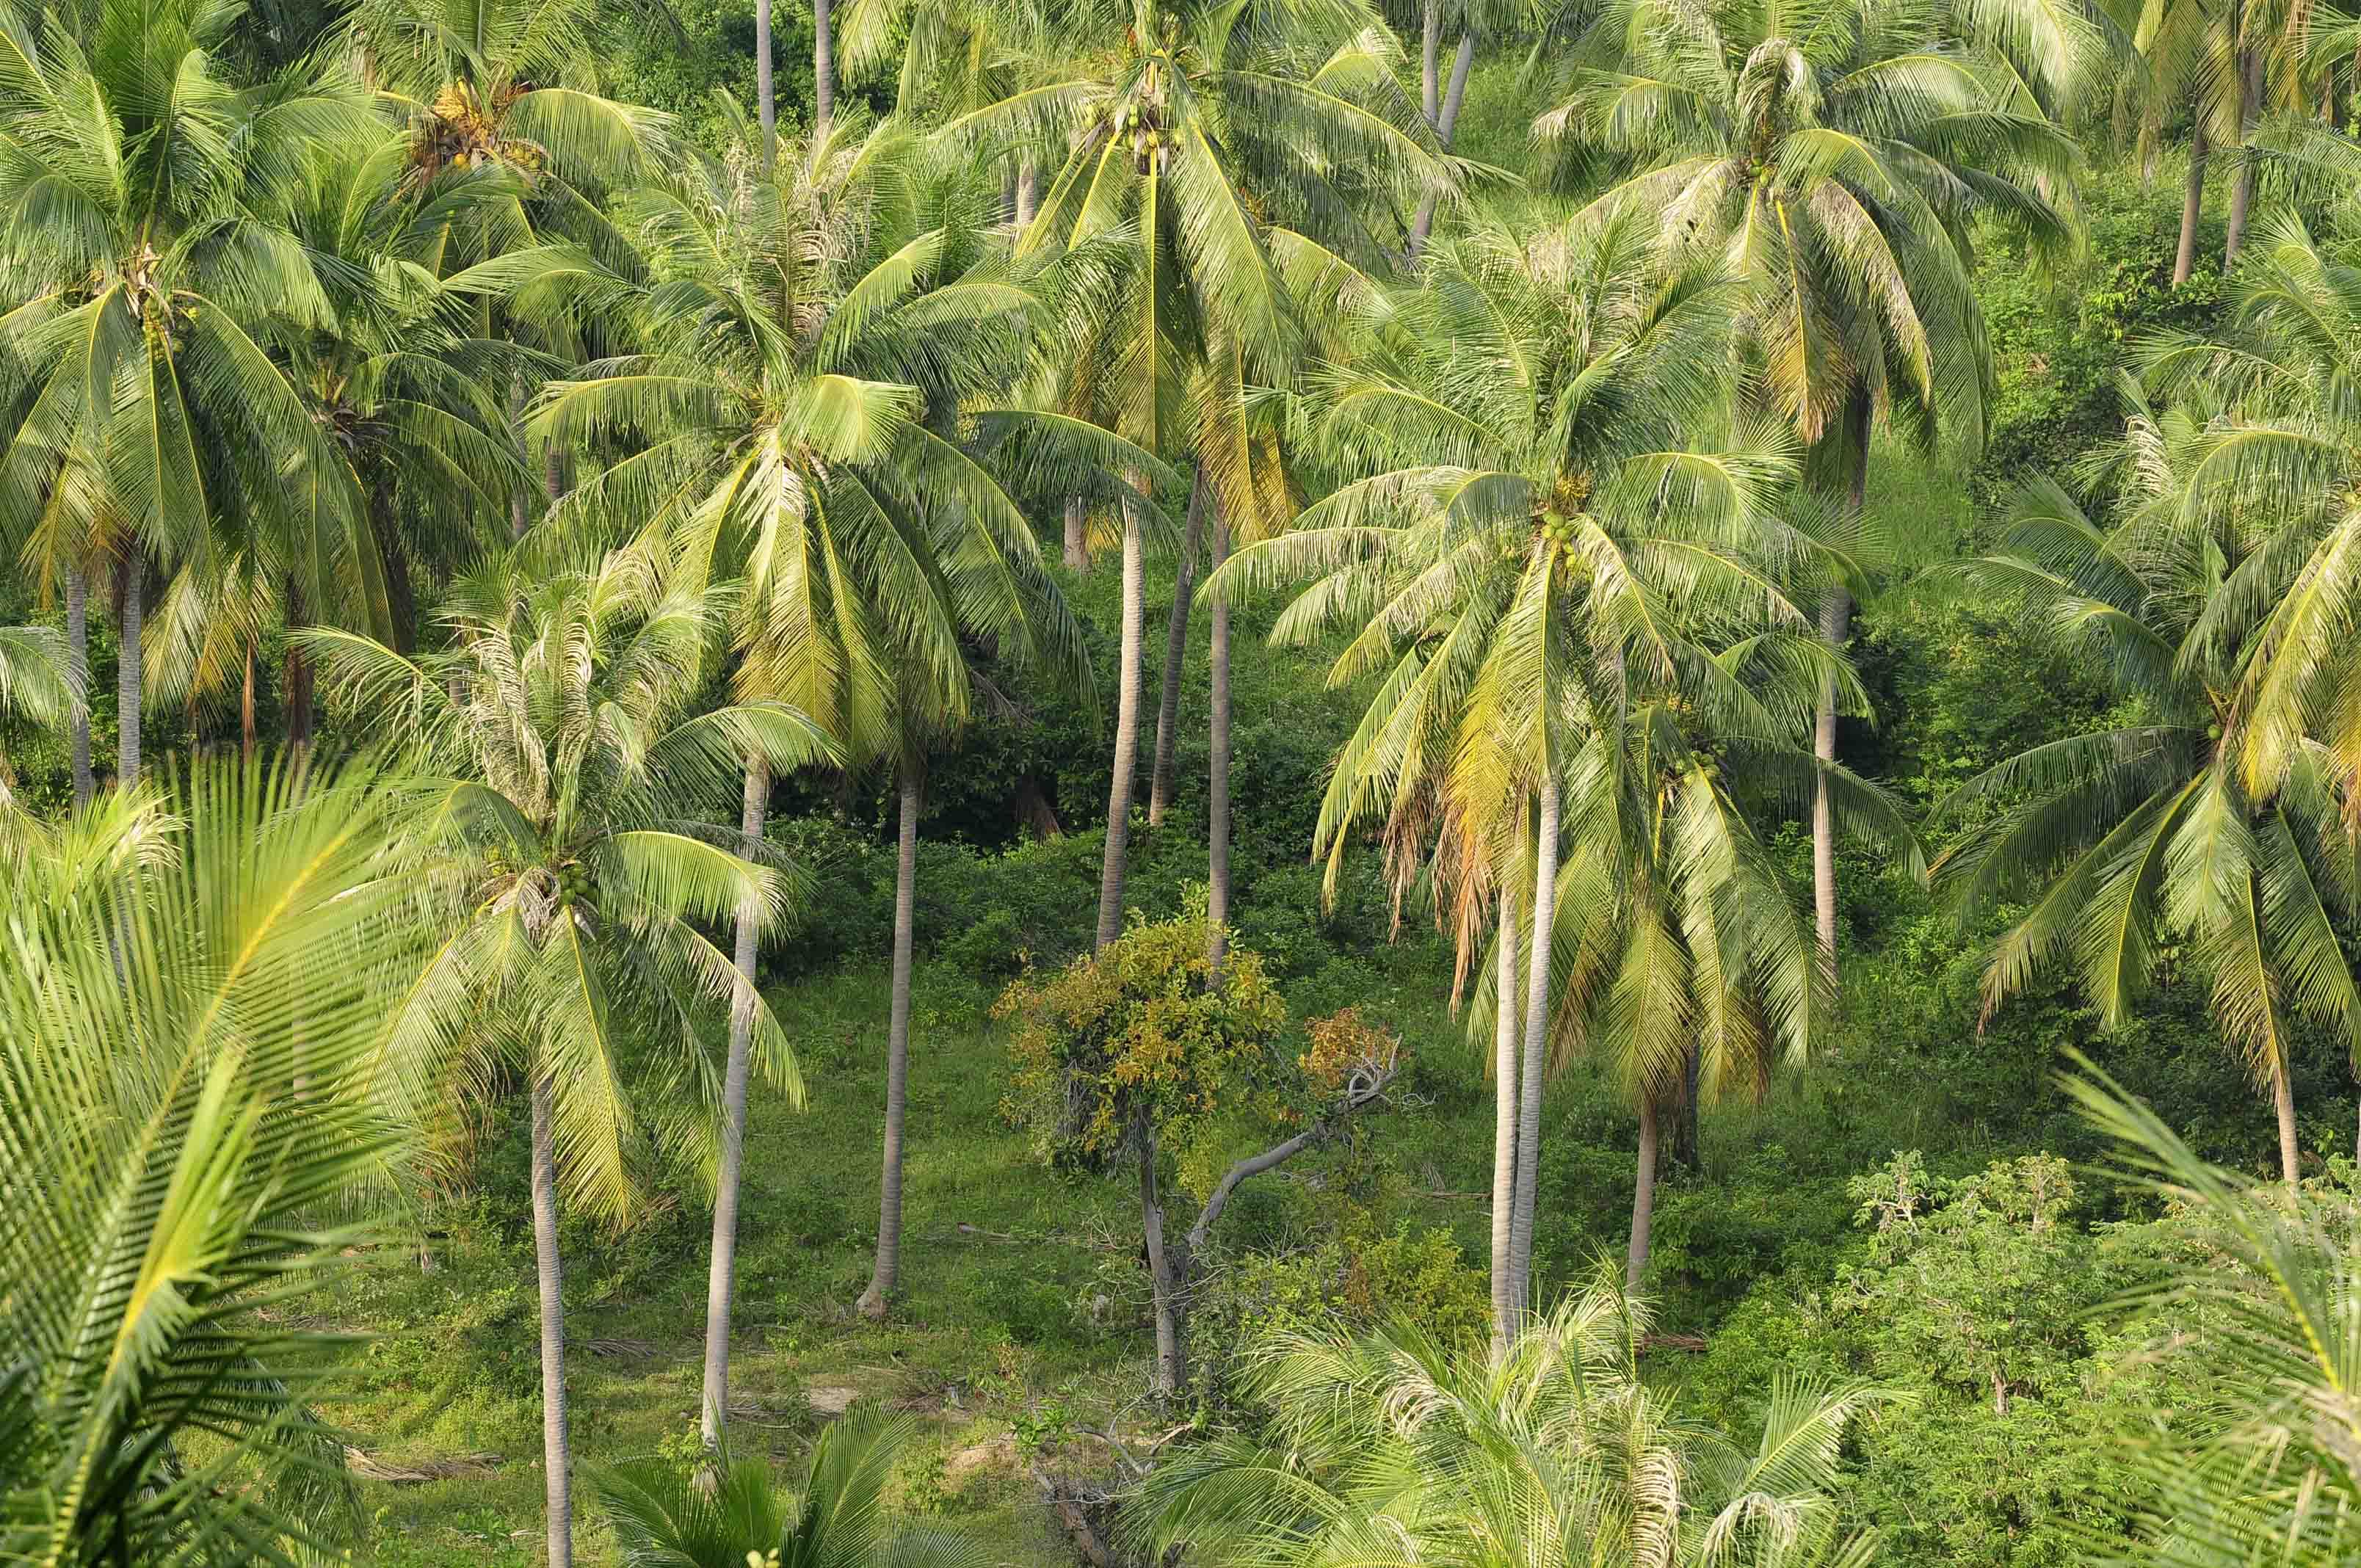 Somewhere tropical